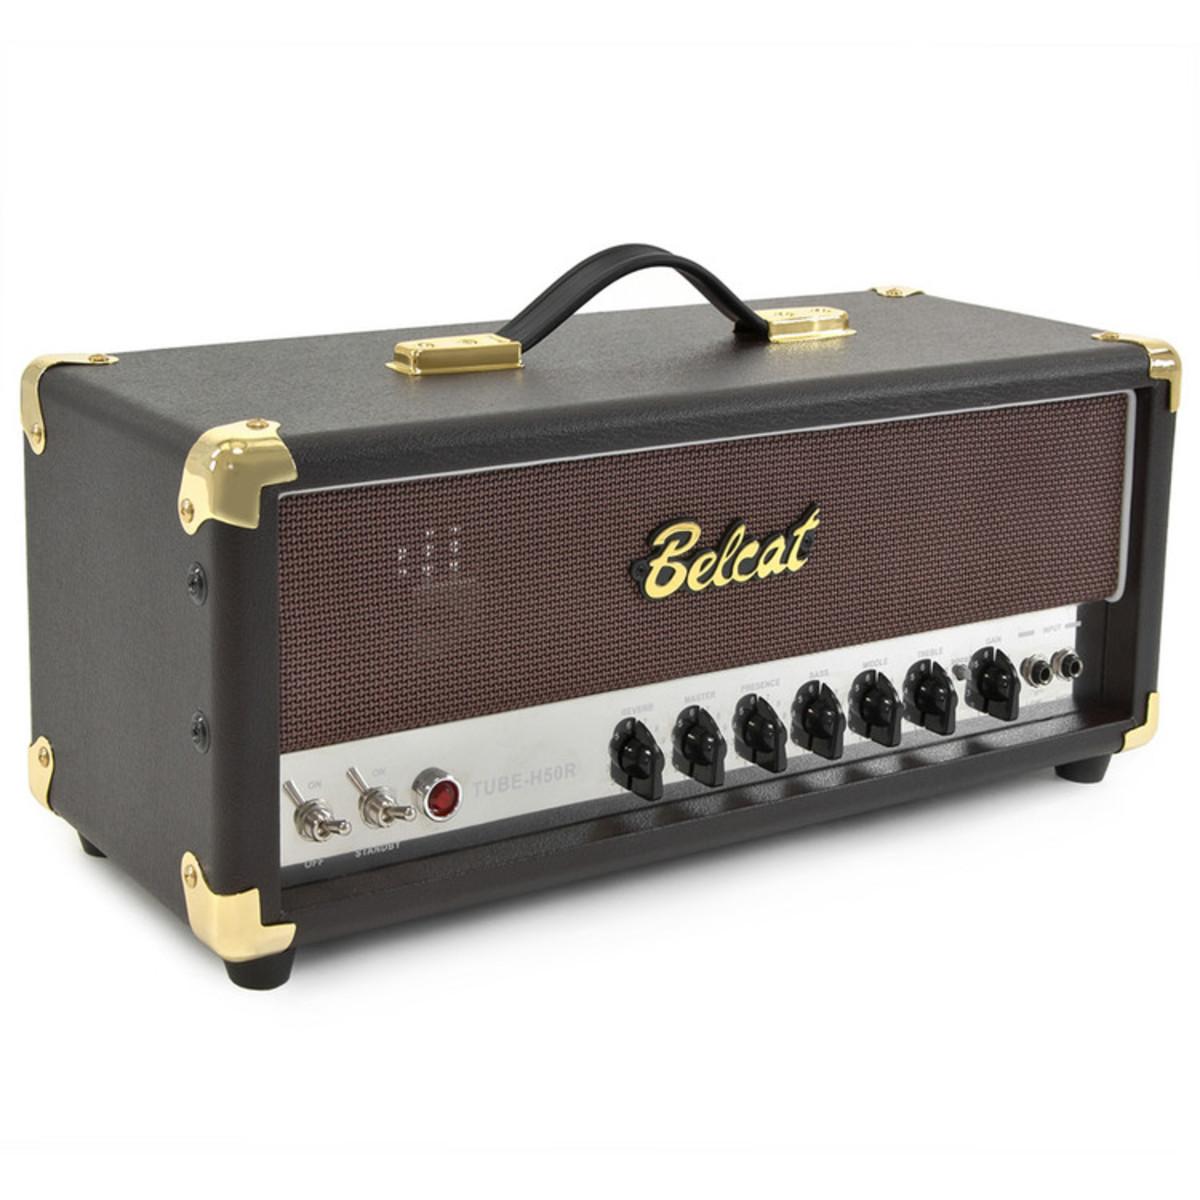 belcat tube h50r 50w valve guitar amp head at. Black Bedroom Furniture Sets. Home Design Ideas